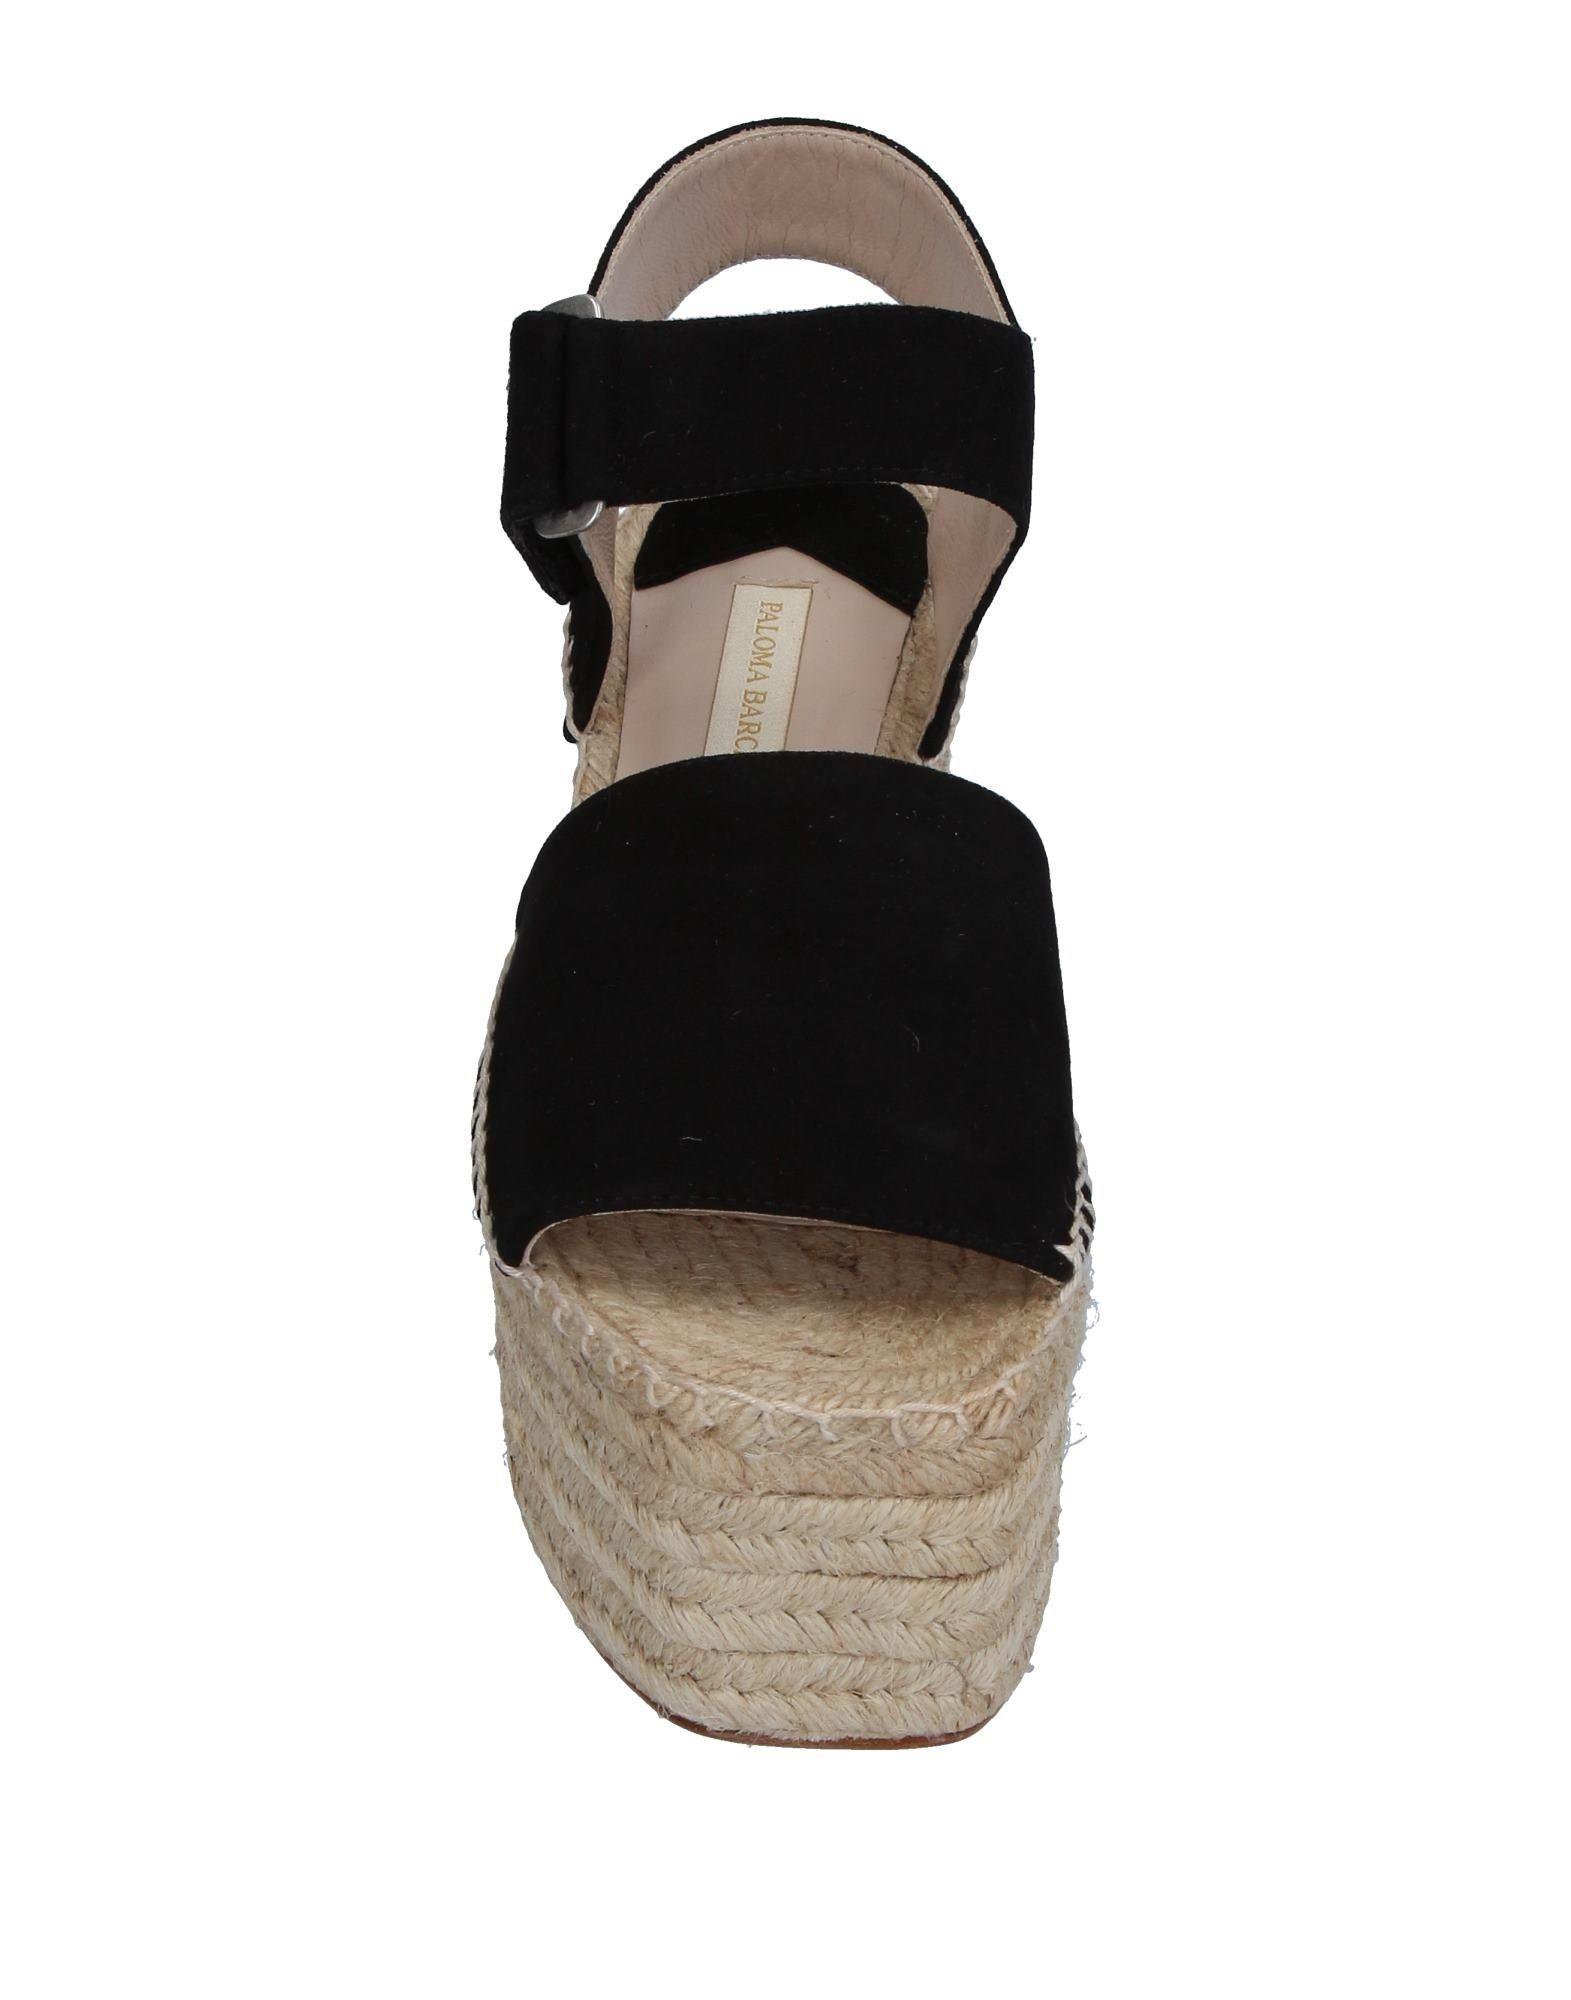 Paloma Barceló Gute Sandalen Damen  11332808HN Gute Barceló Qualität beliebte Schuhe d77083